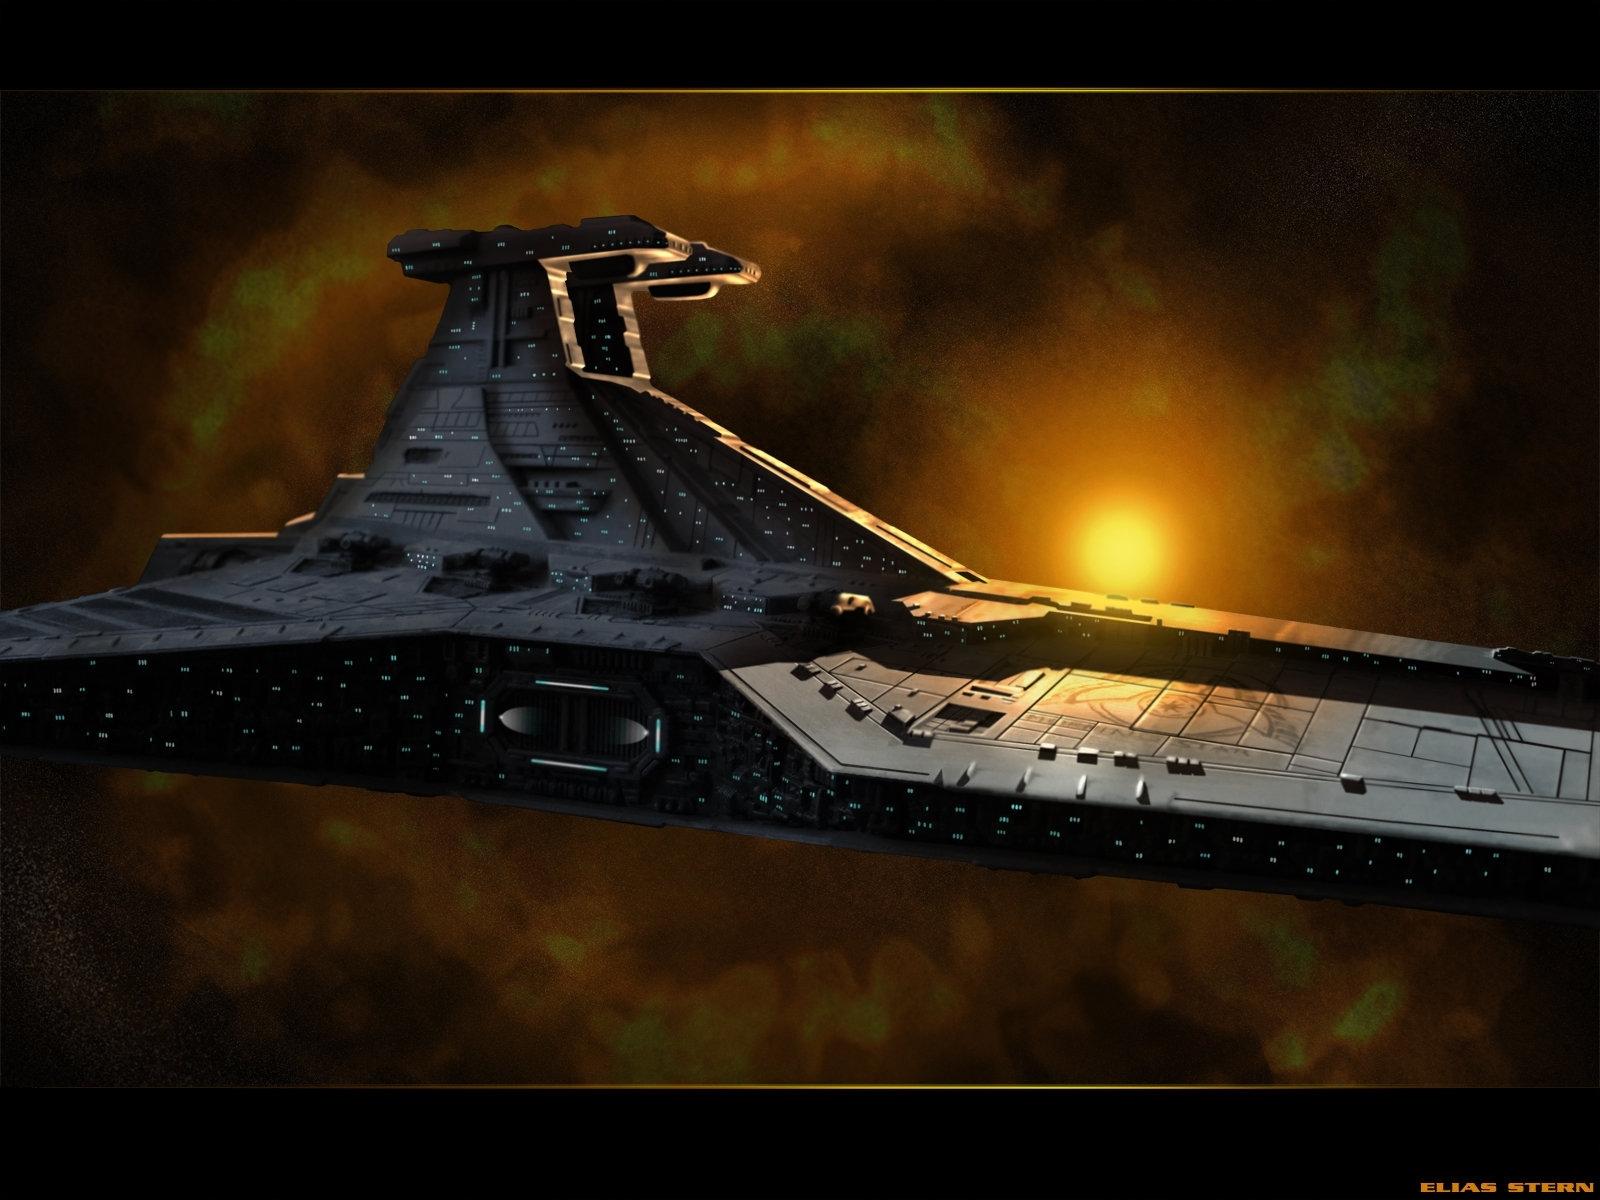 star wars venatorlorddoomhammer on deviantart